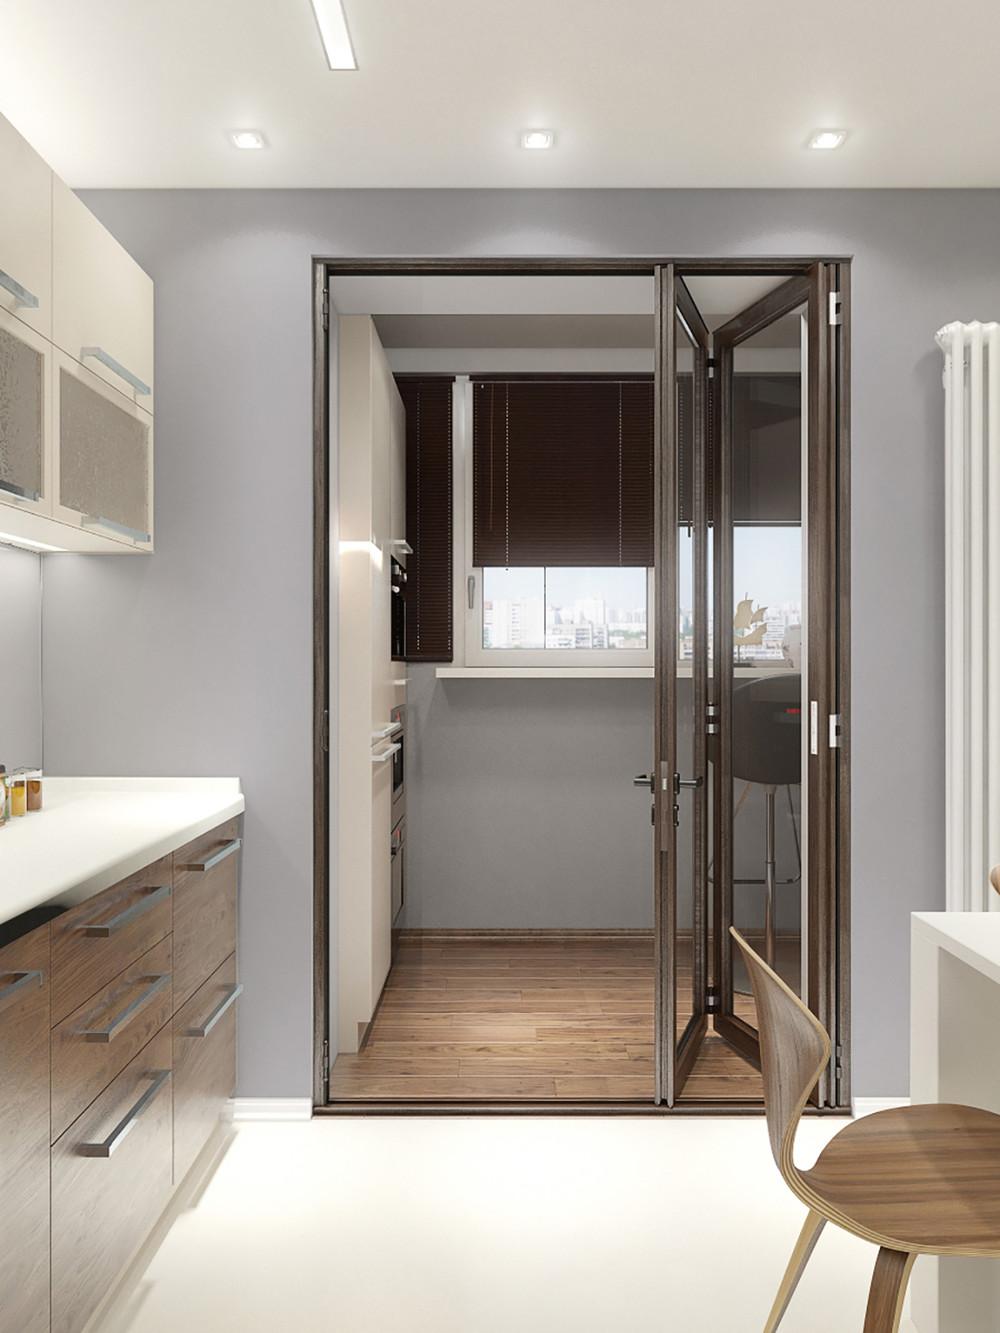 dvustaen-apartament-s-moderen-i-praktichen-interior-v-moskva-58-m-7